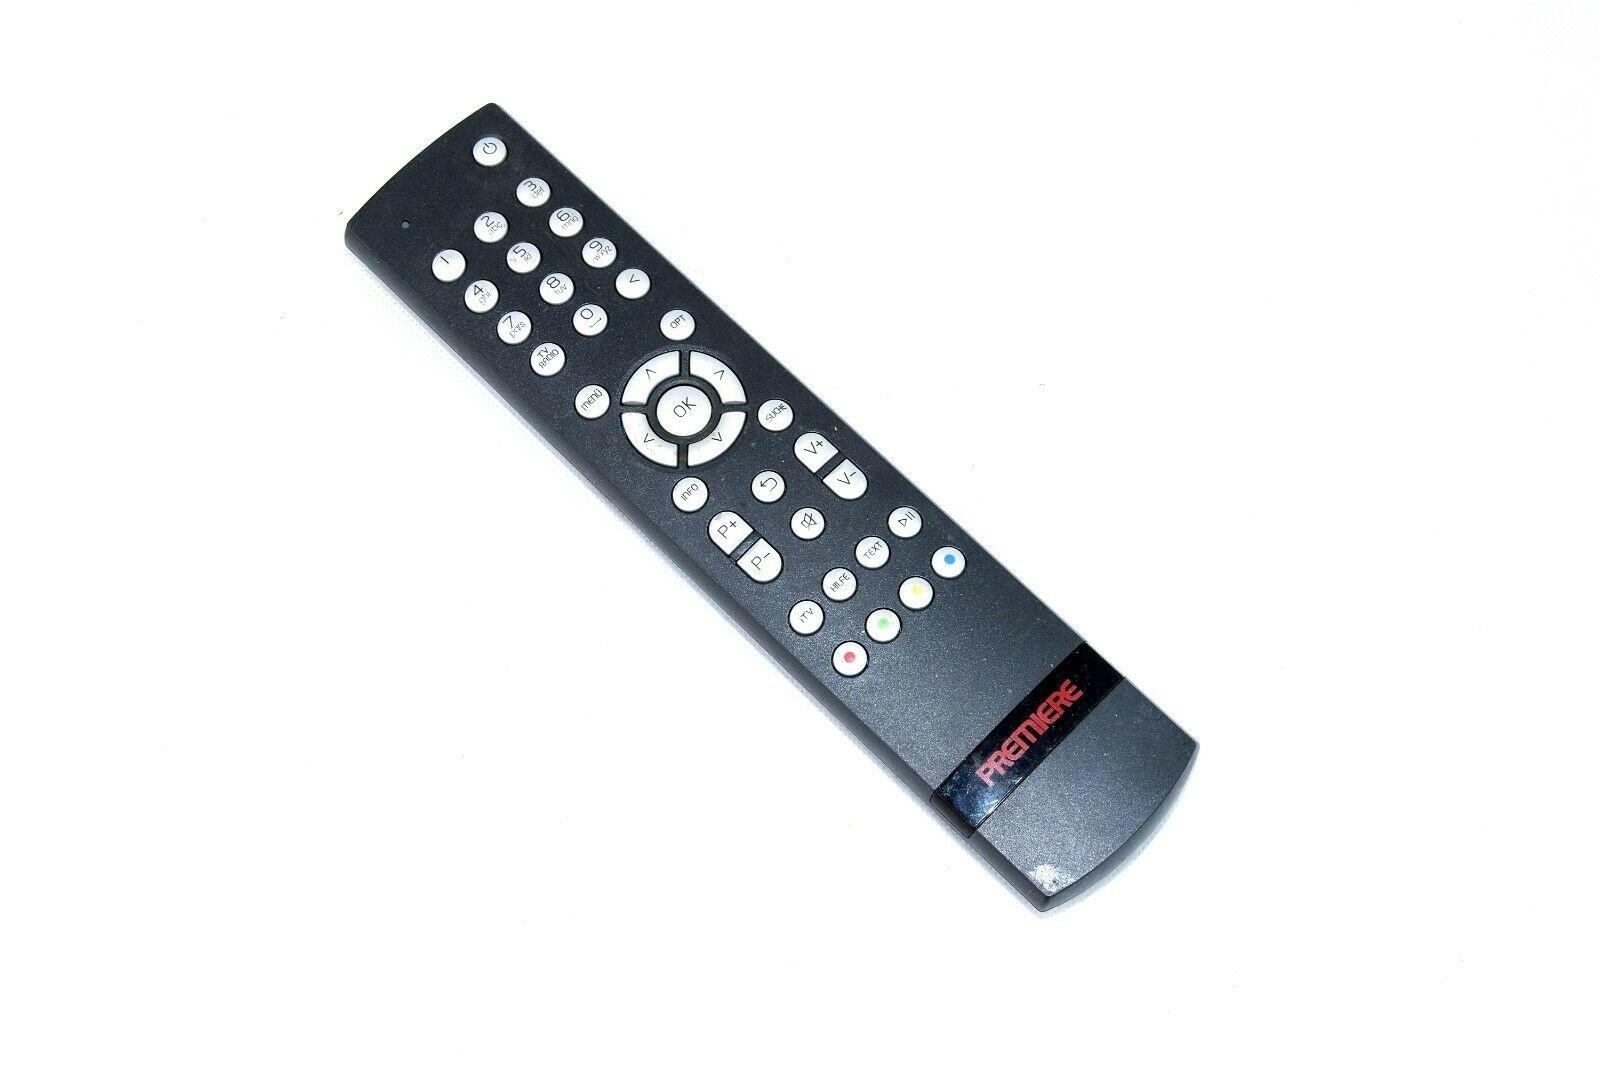 Premiere PRC-10 Original Fernbedienung TV Remote Control